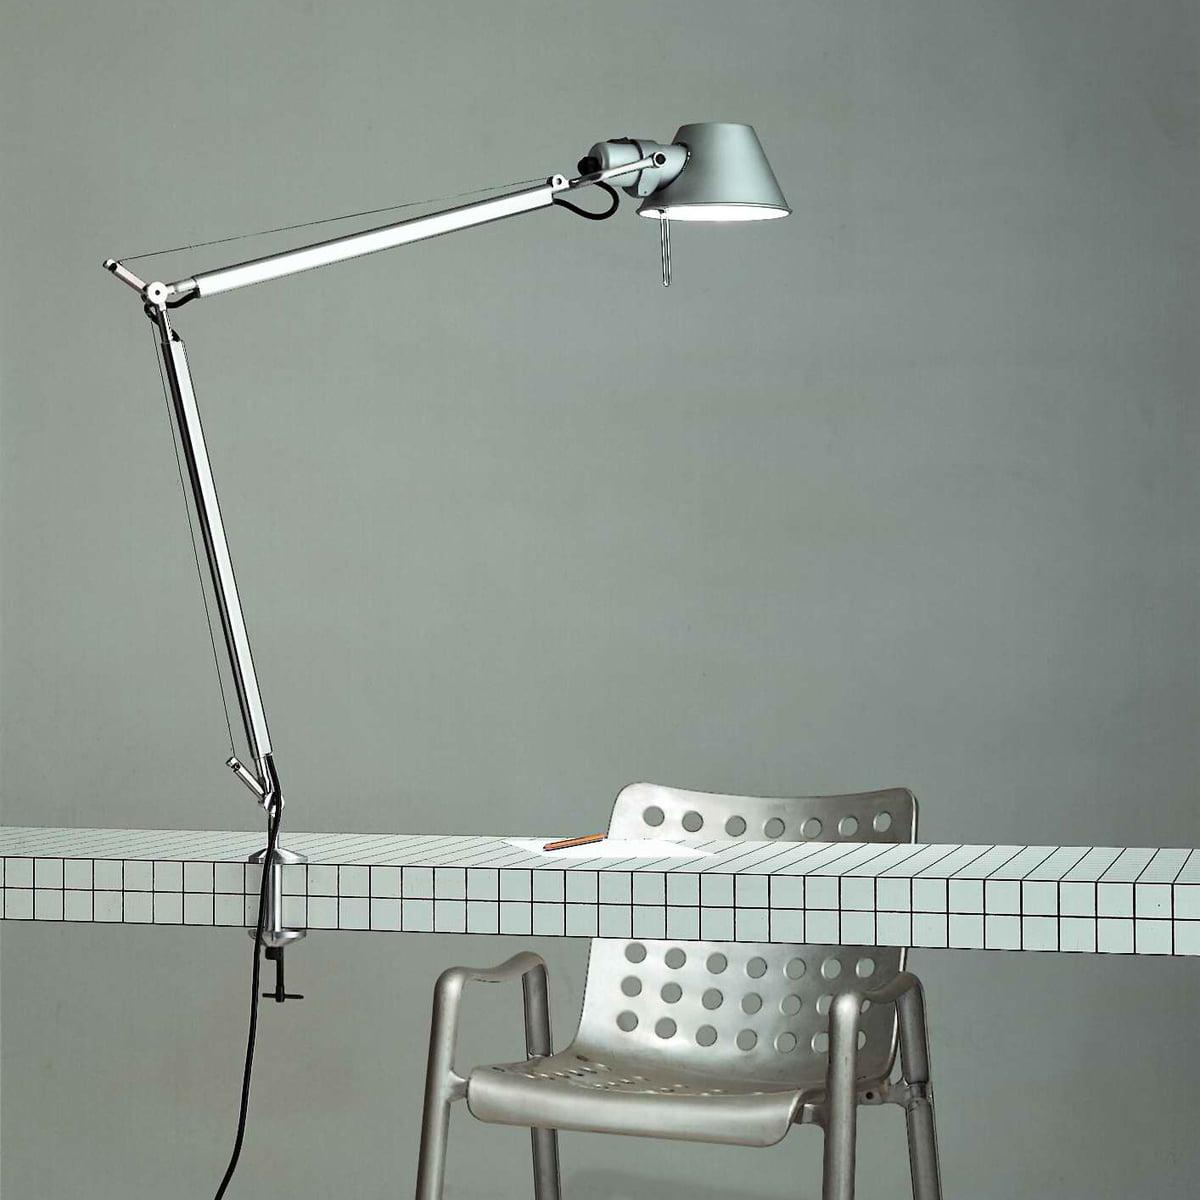 artemide tolomeo schreibtischeuchte. Black Bedroom Furniture Sets. Home Design Ideas